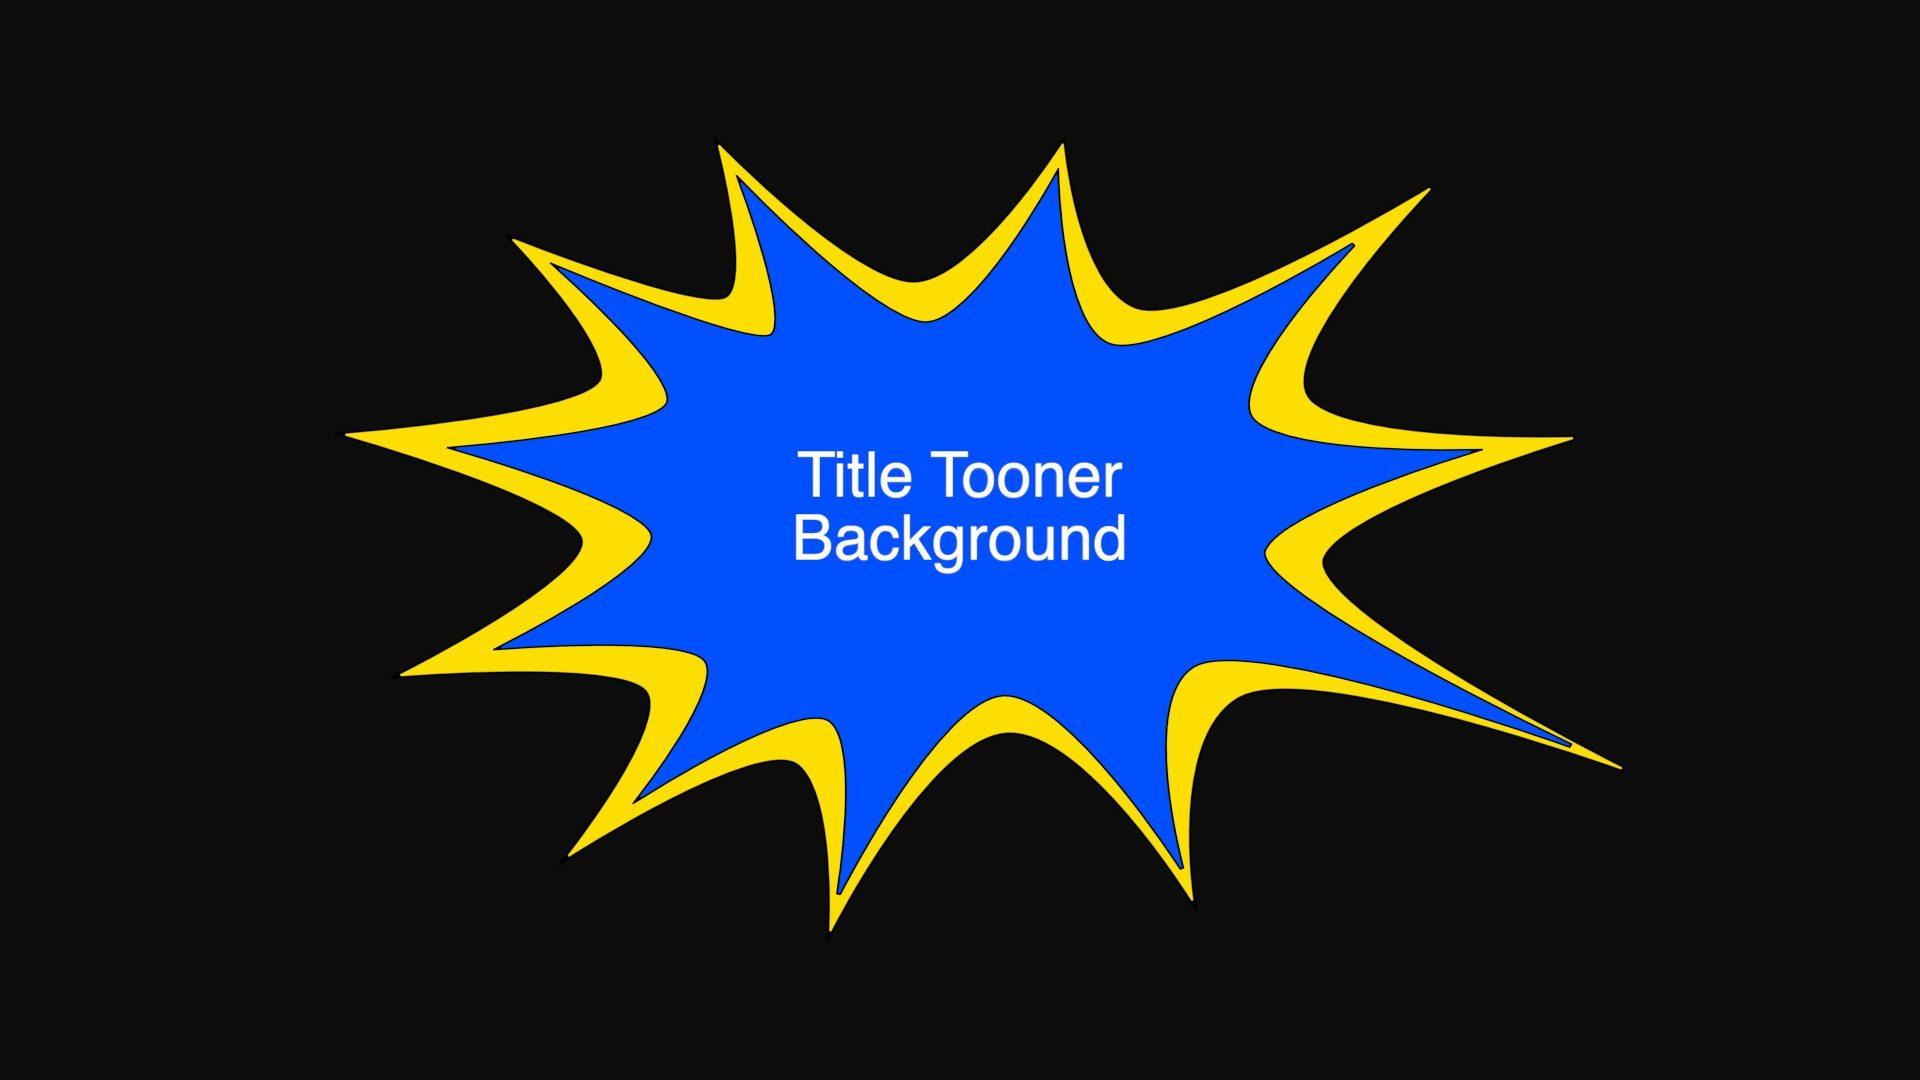 Title Tooner Background Effect